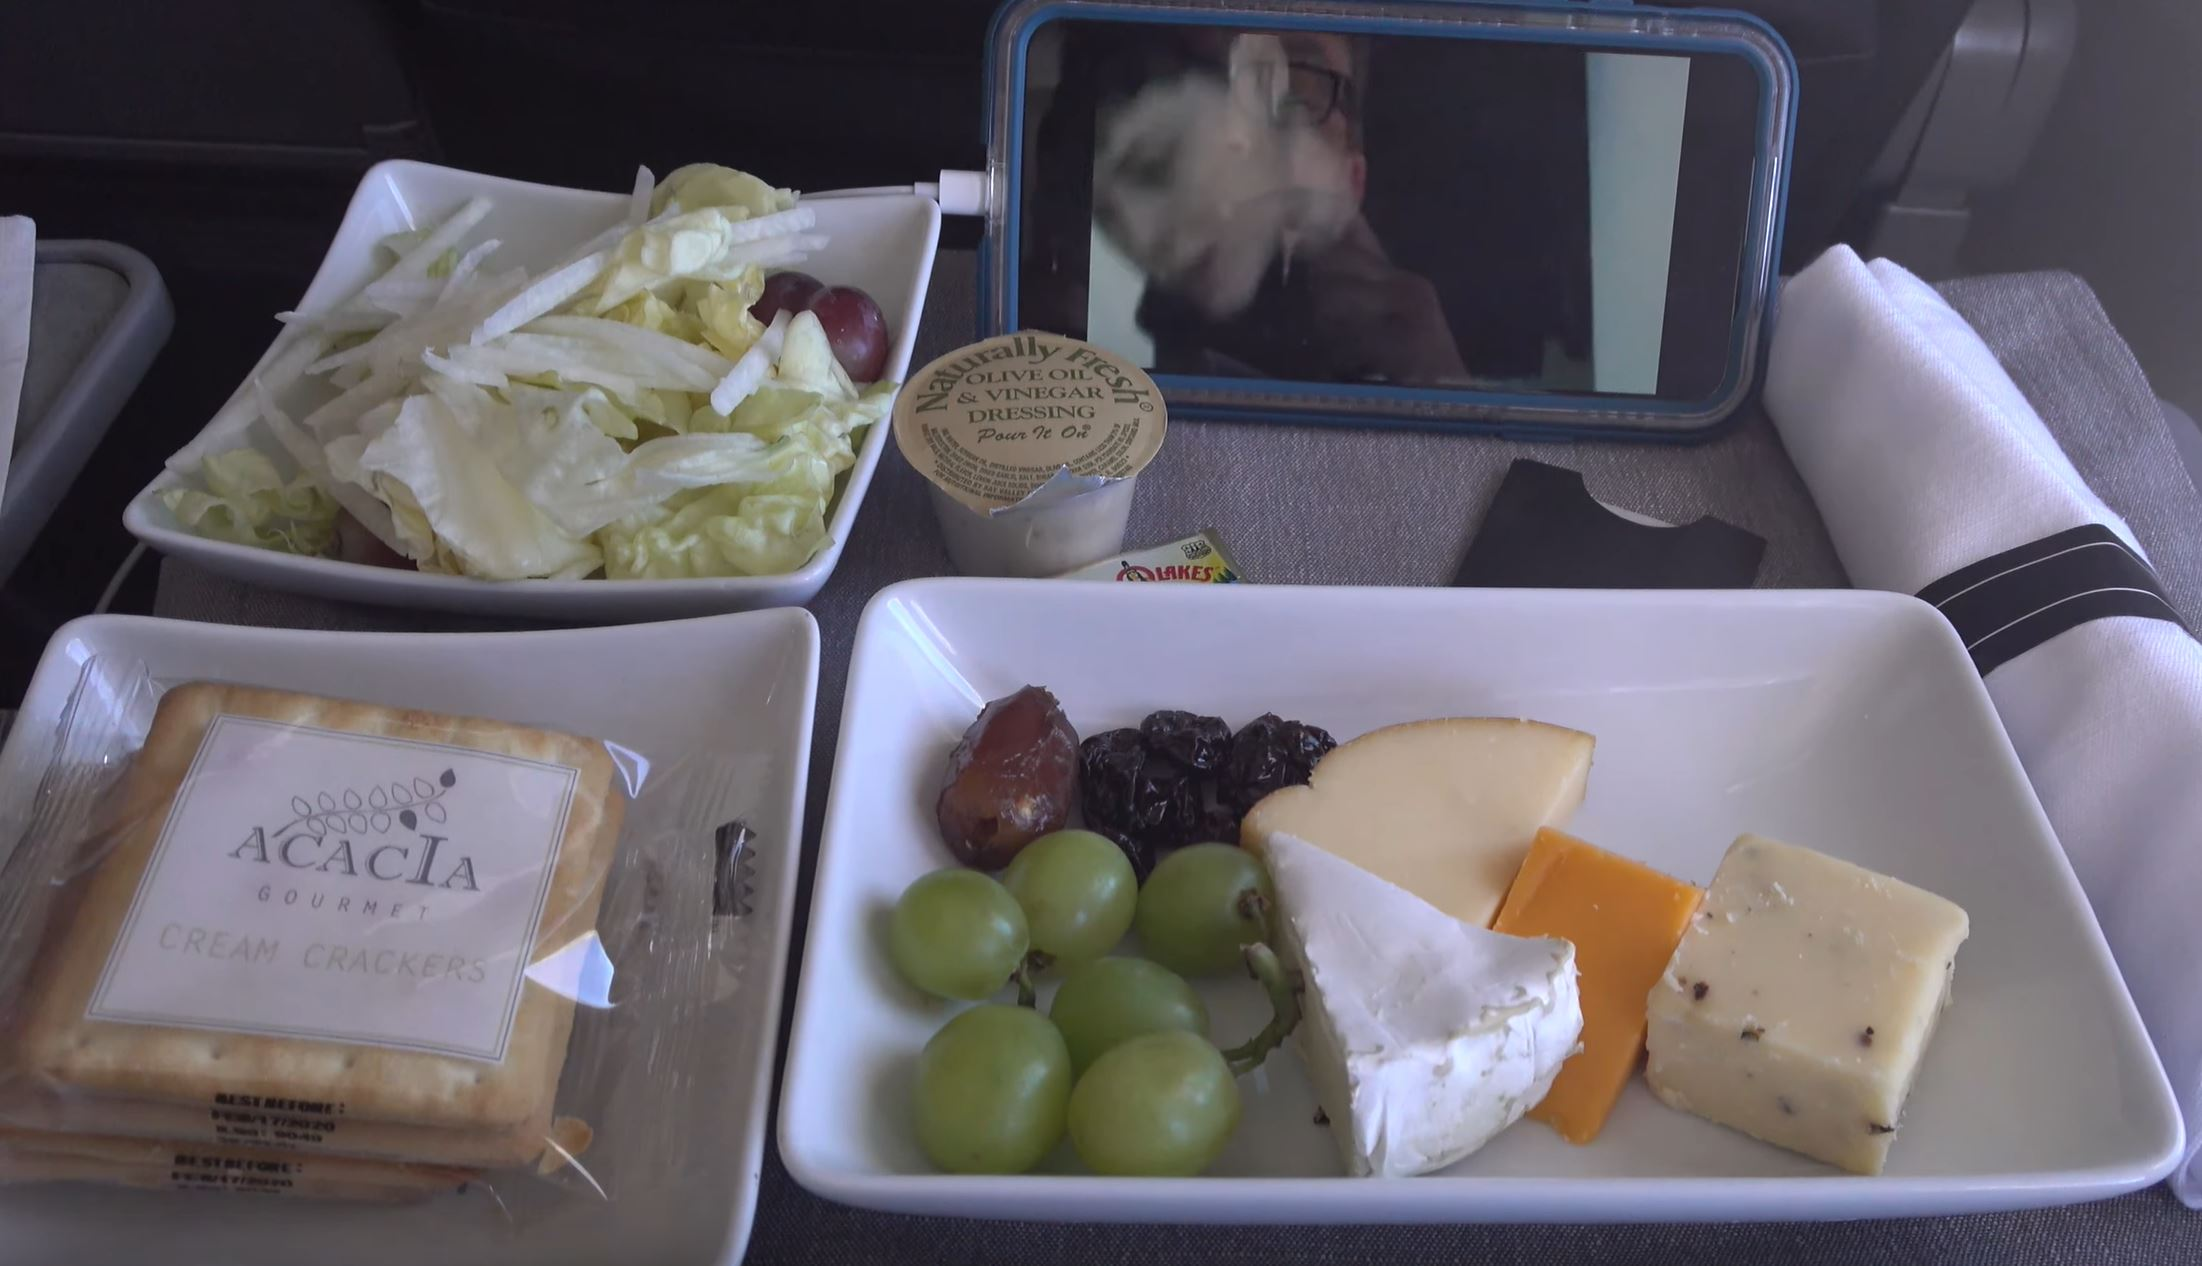 Redeeming American Airlines